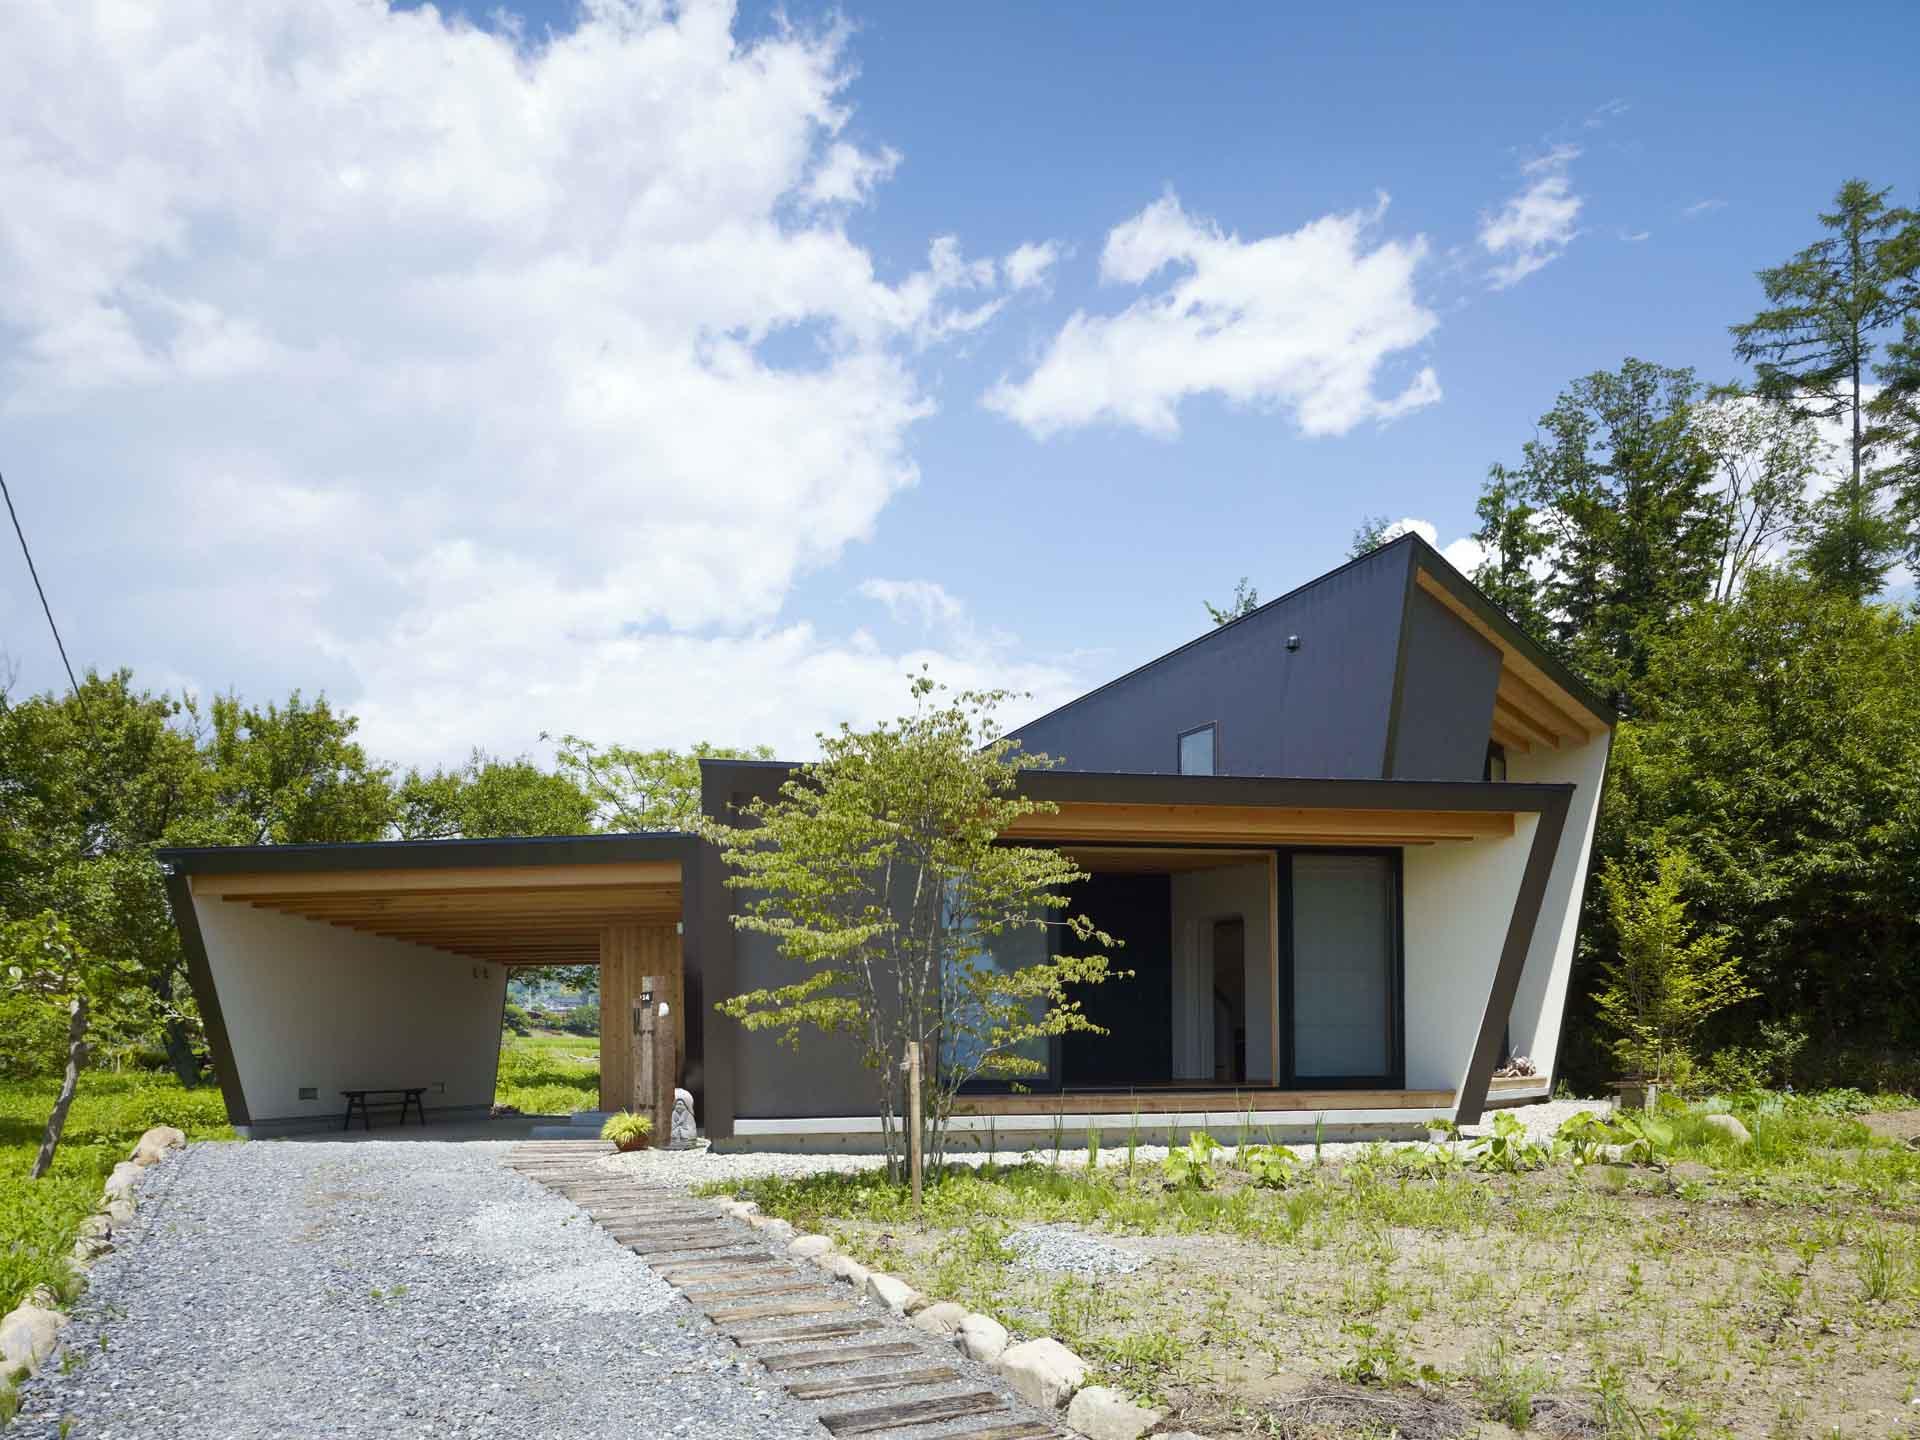 造型特殊的八岳別墅,是針對銀髮返鄉族設計的農舍。圖/MDS事務所(攝影Toshiyuki Yano)